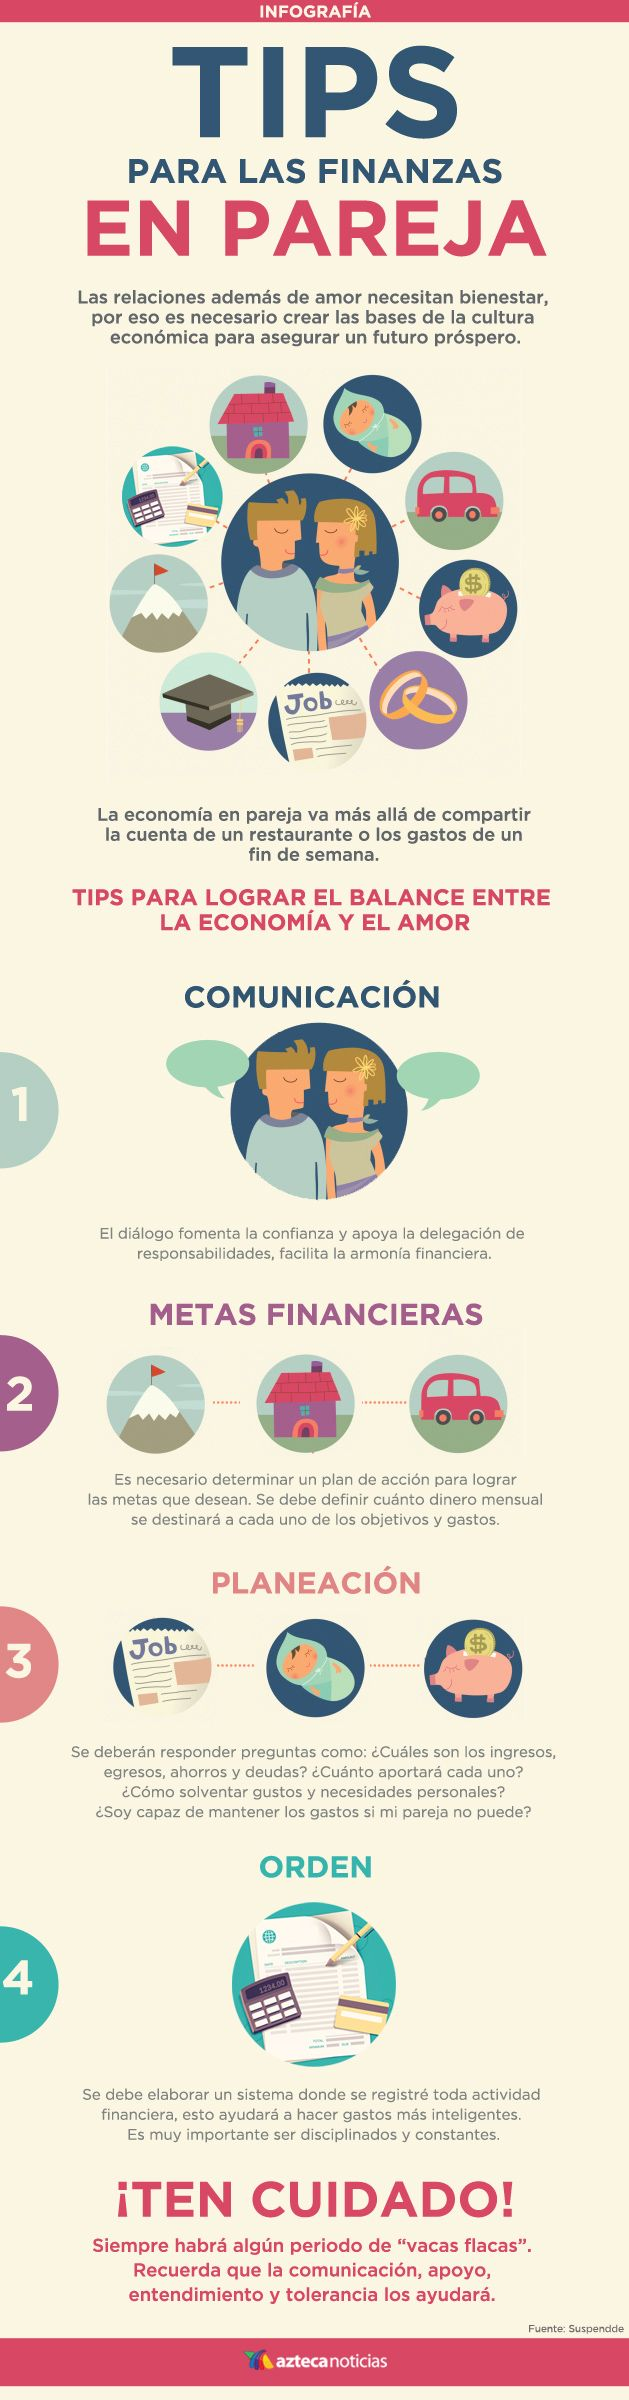 Tips para las finanzas en pareja. Libertad financiera.